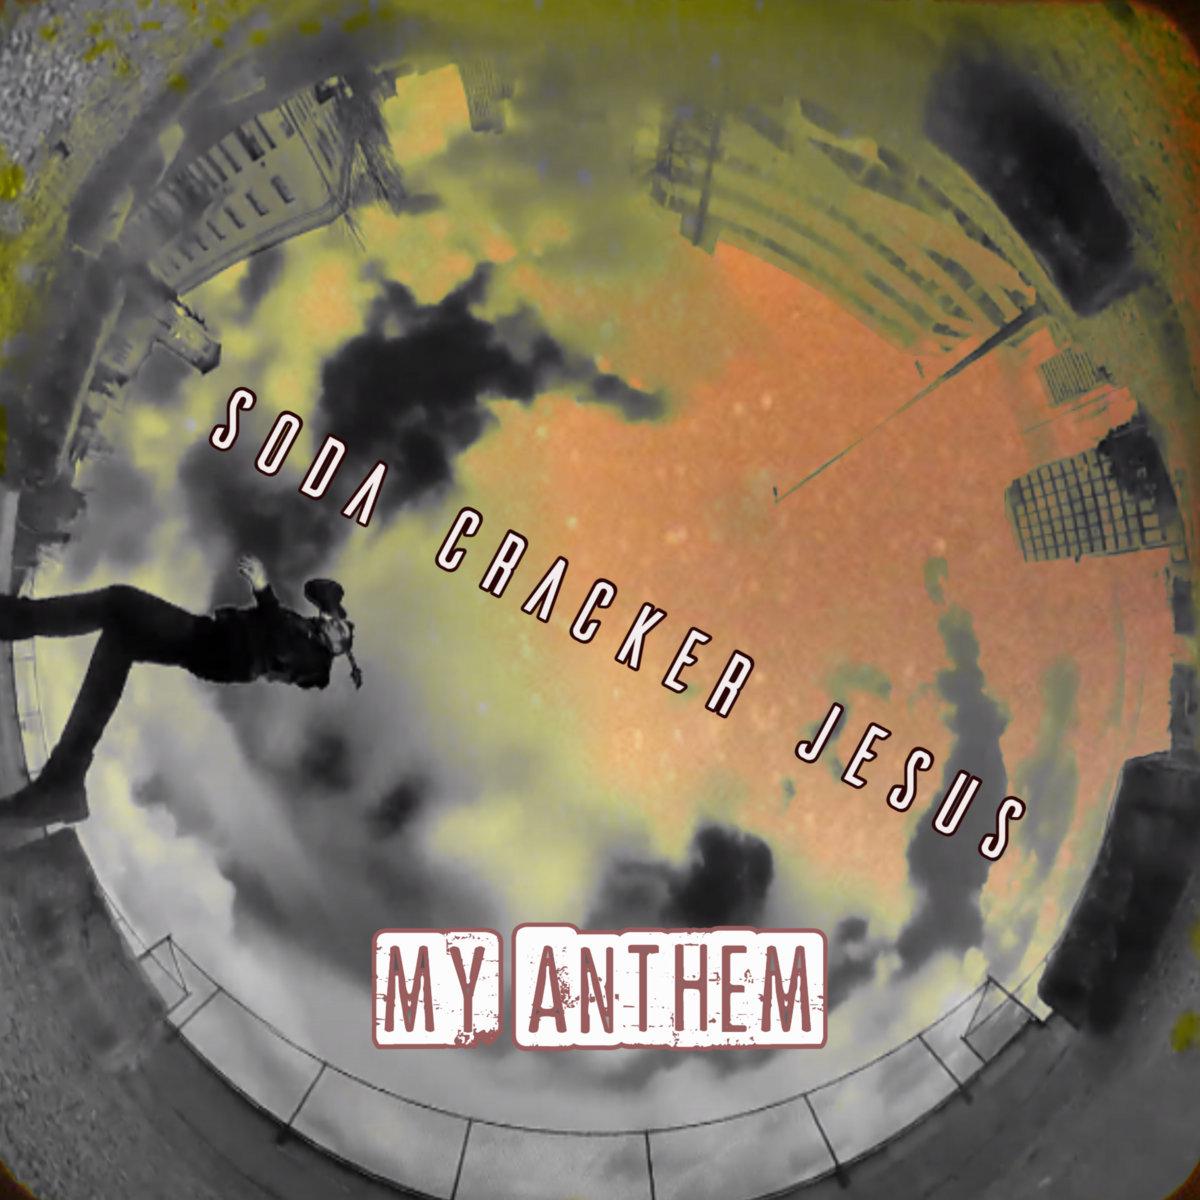 My Anthem by Soda Cracker Jesus